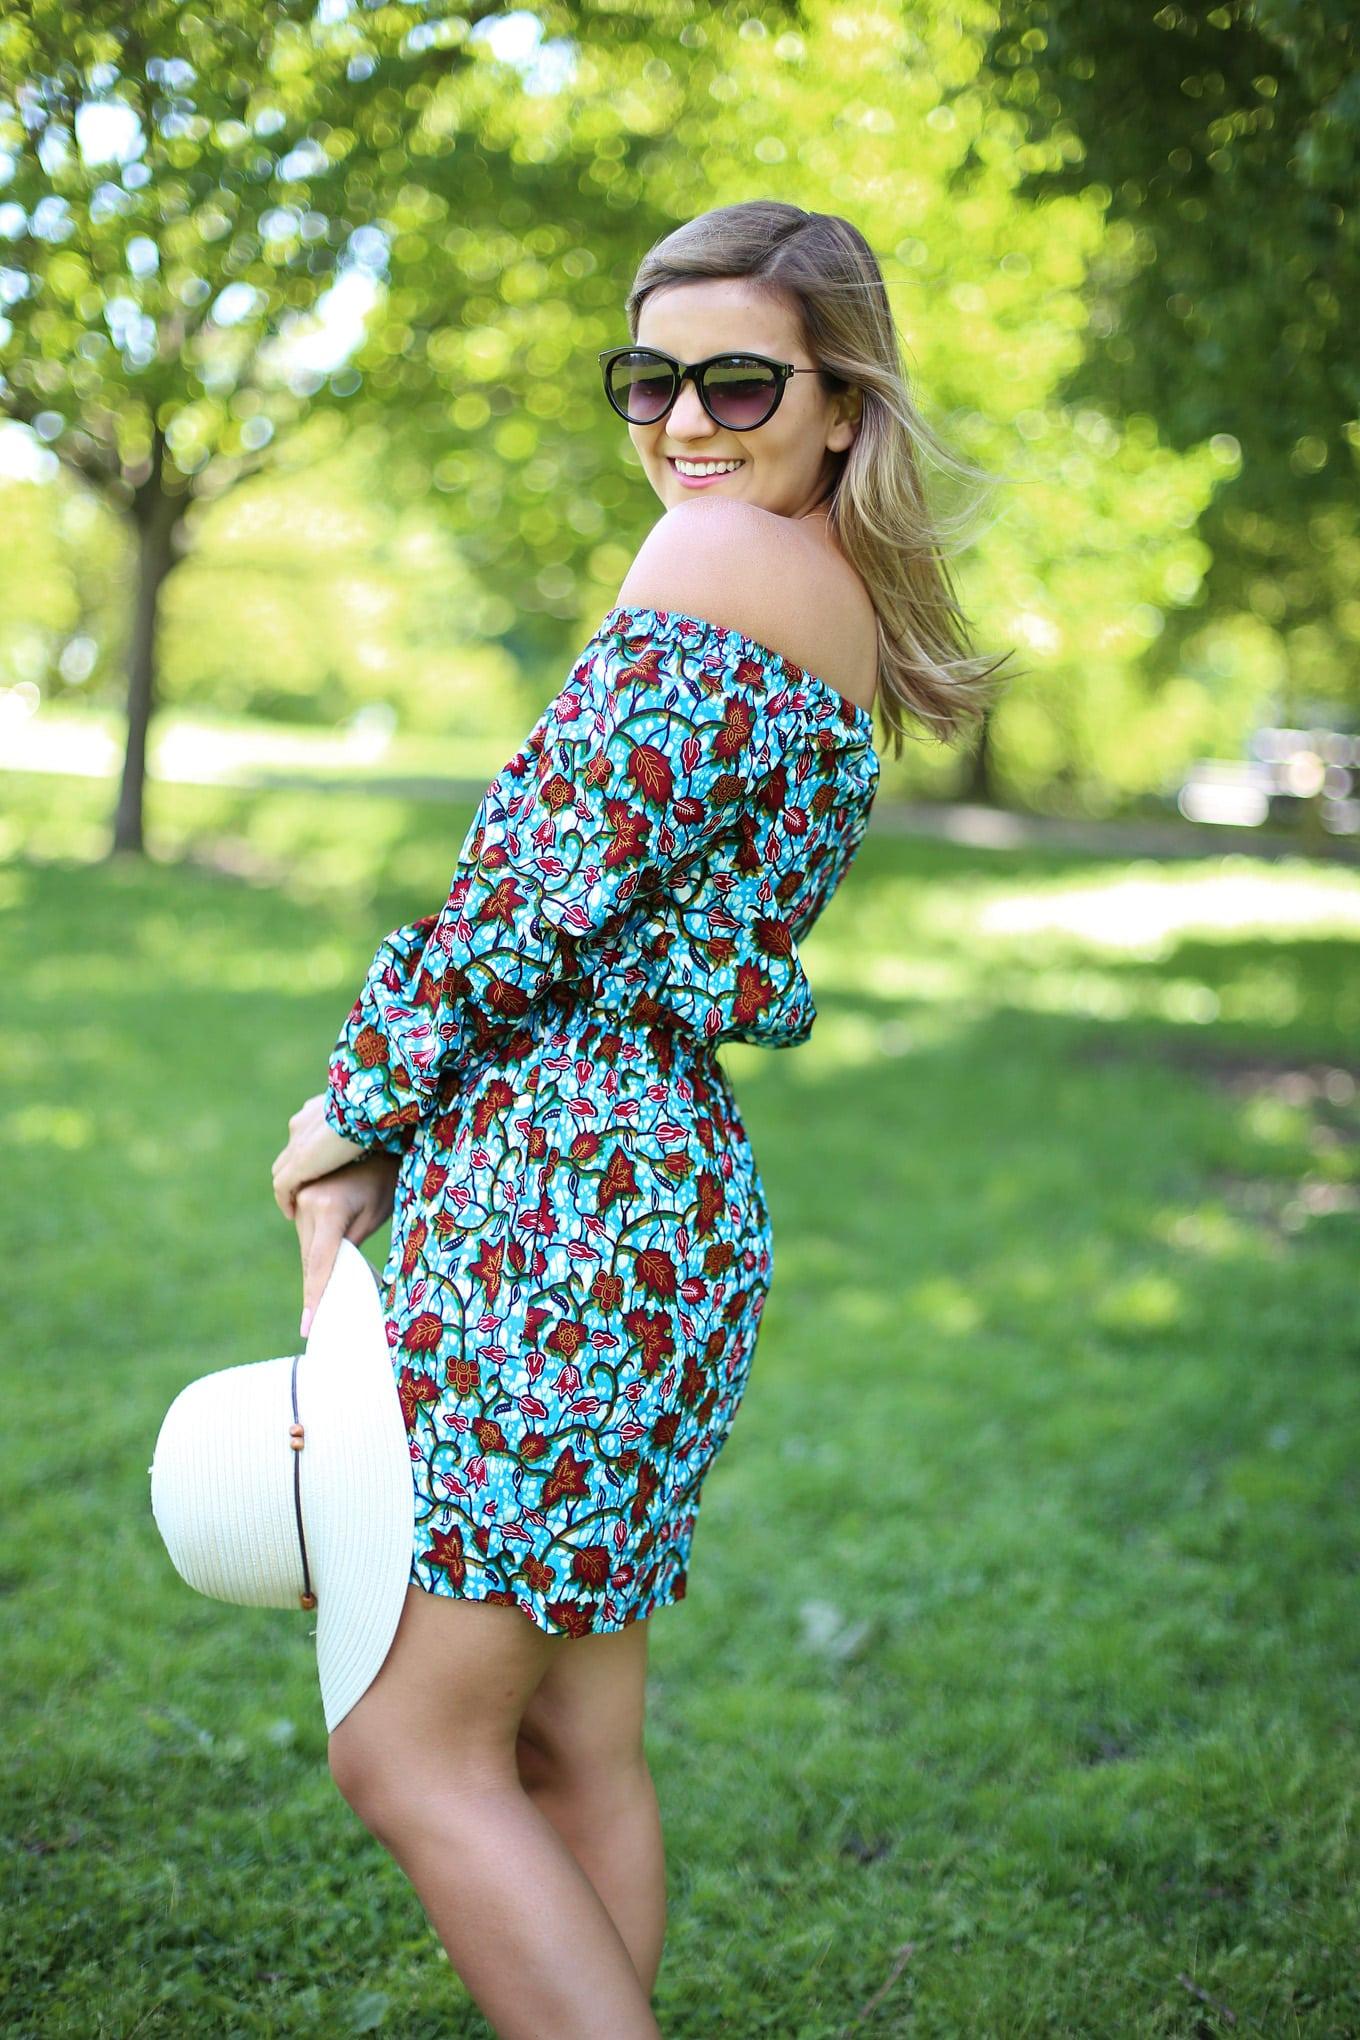 Summer Hats + Royal Native Dress - Lake Shore Lady